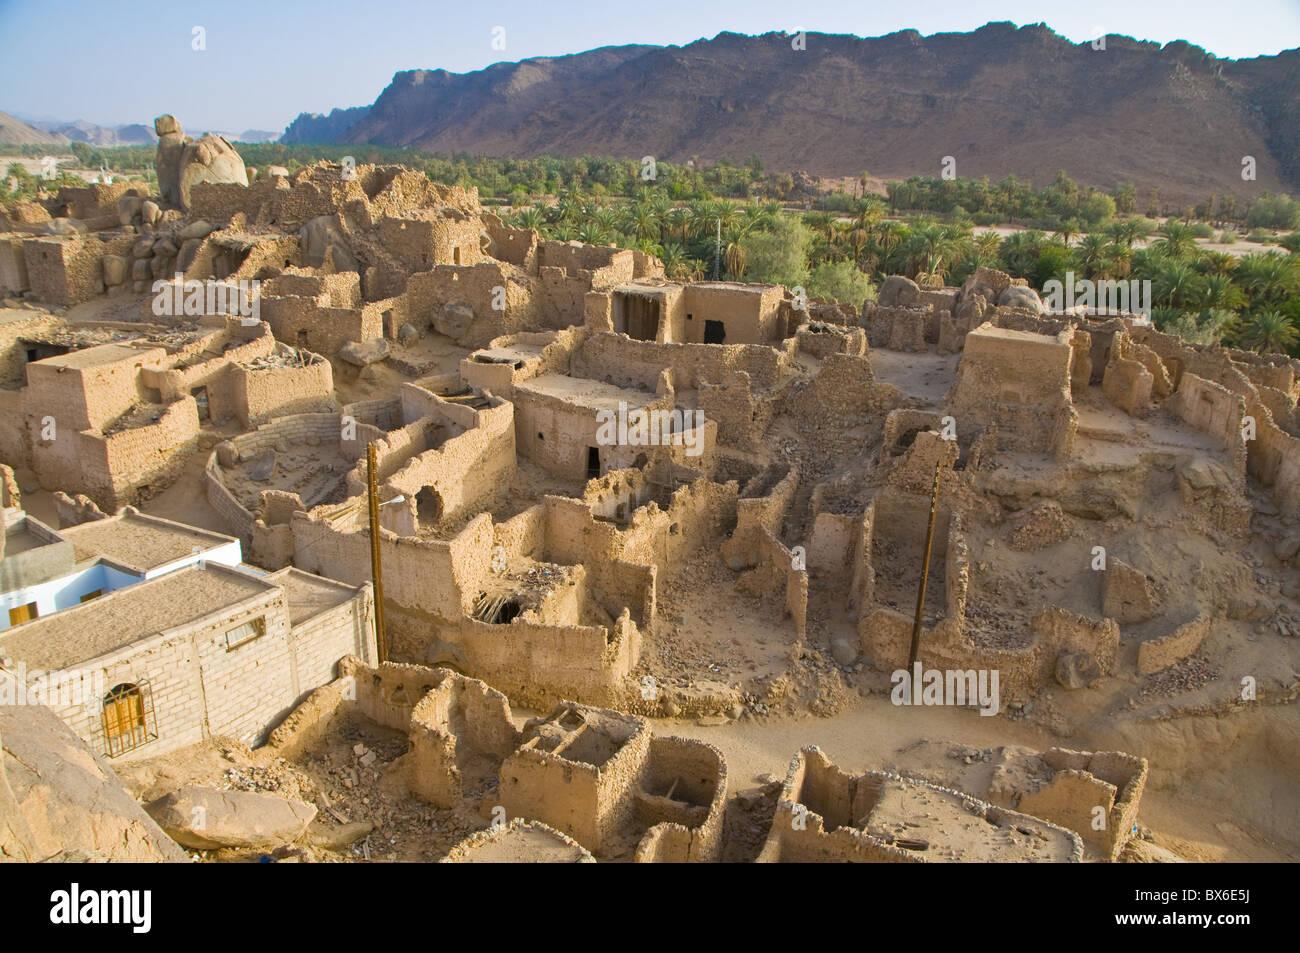 La antigua ciudad en ruinas de Djanet (ksour), el sur de Argelia, el Norte de África, África Imagen De Stock